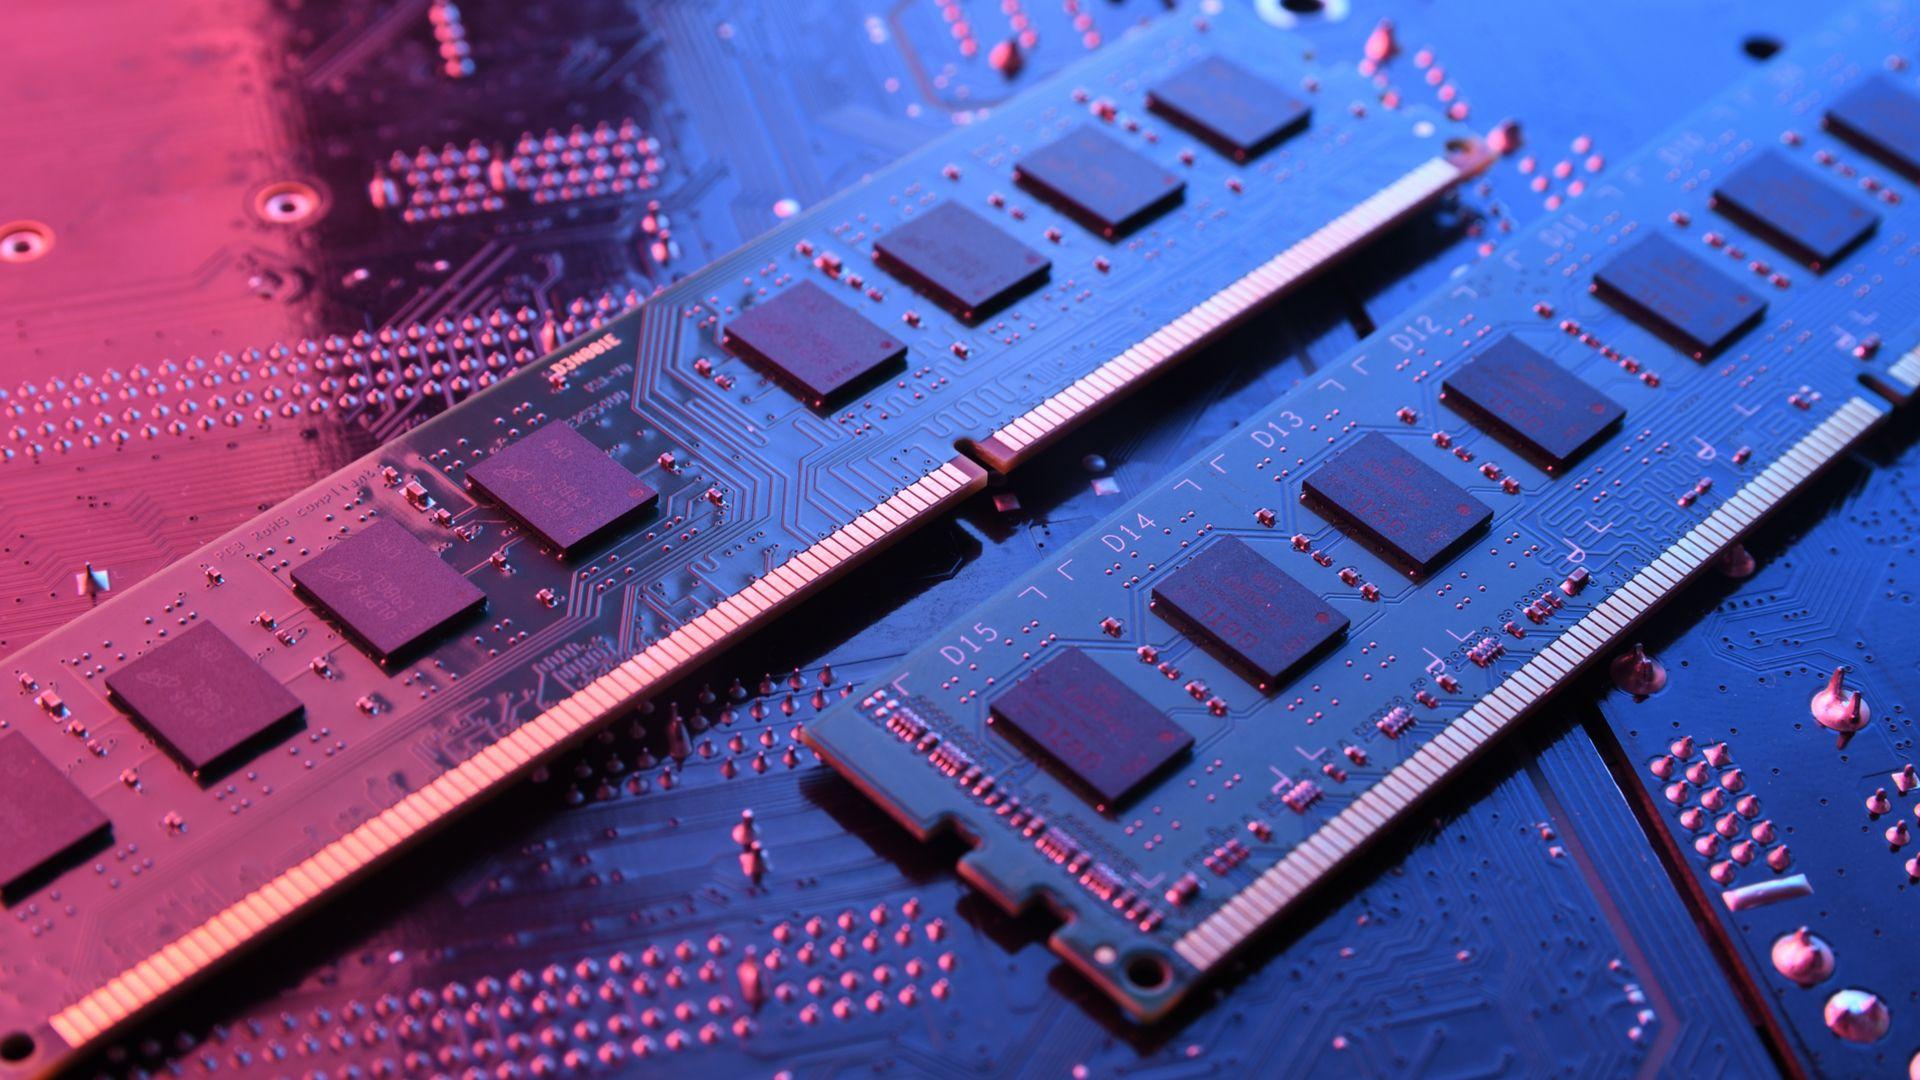 É preciso escolher a quantidade ideal de memória RAM para atender às necessidades do usuário. (Foto: Shutterstock/Remitski Ivan)